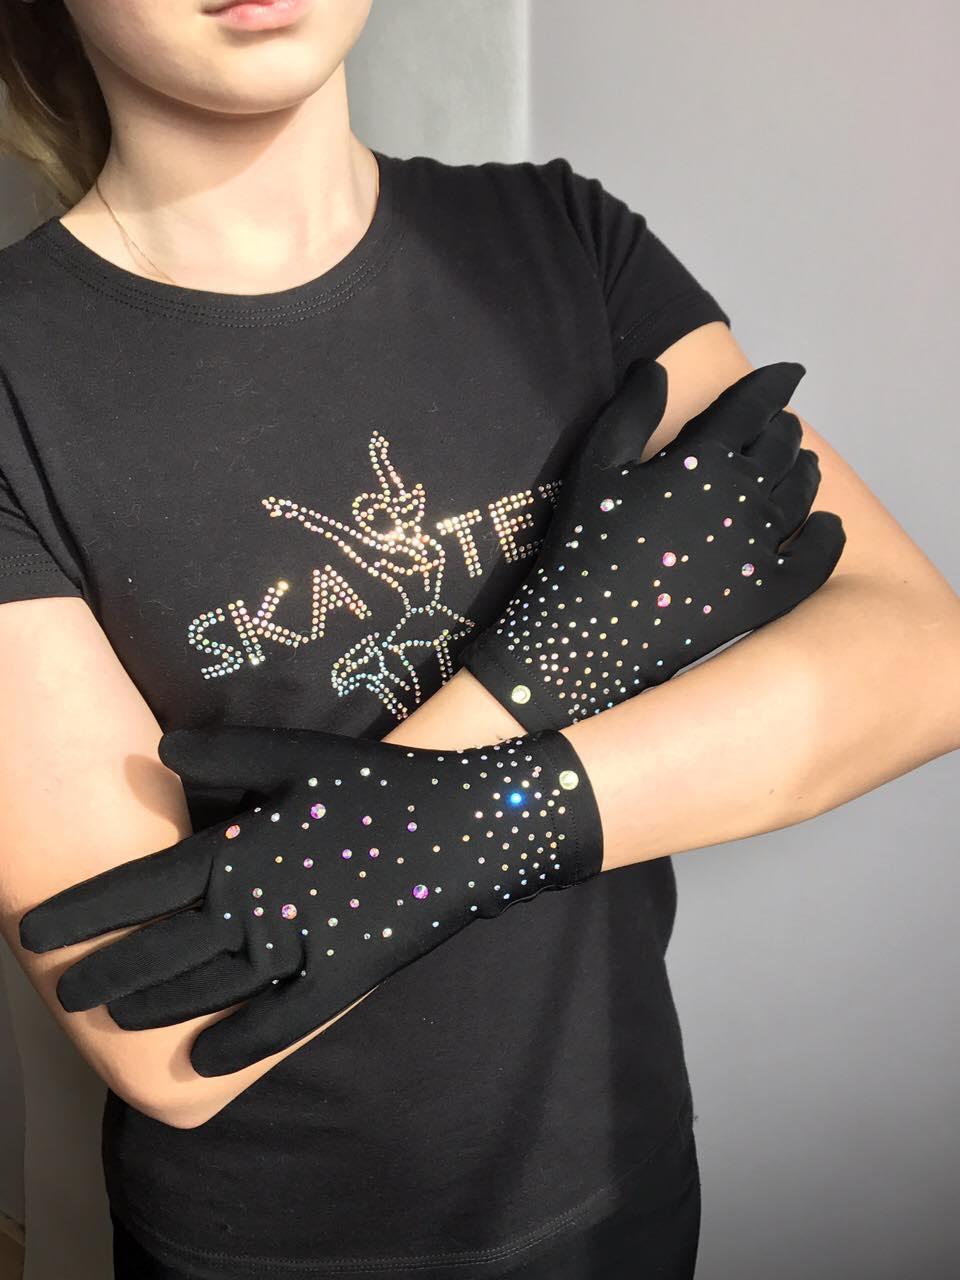 Перчатки для фигурного катания со стразами (черного цвета)